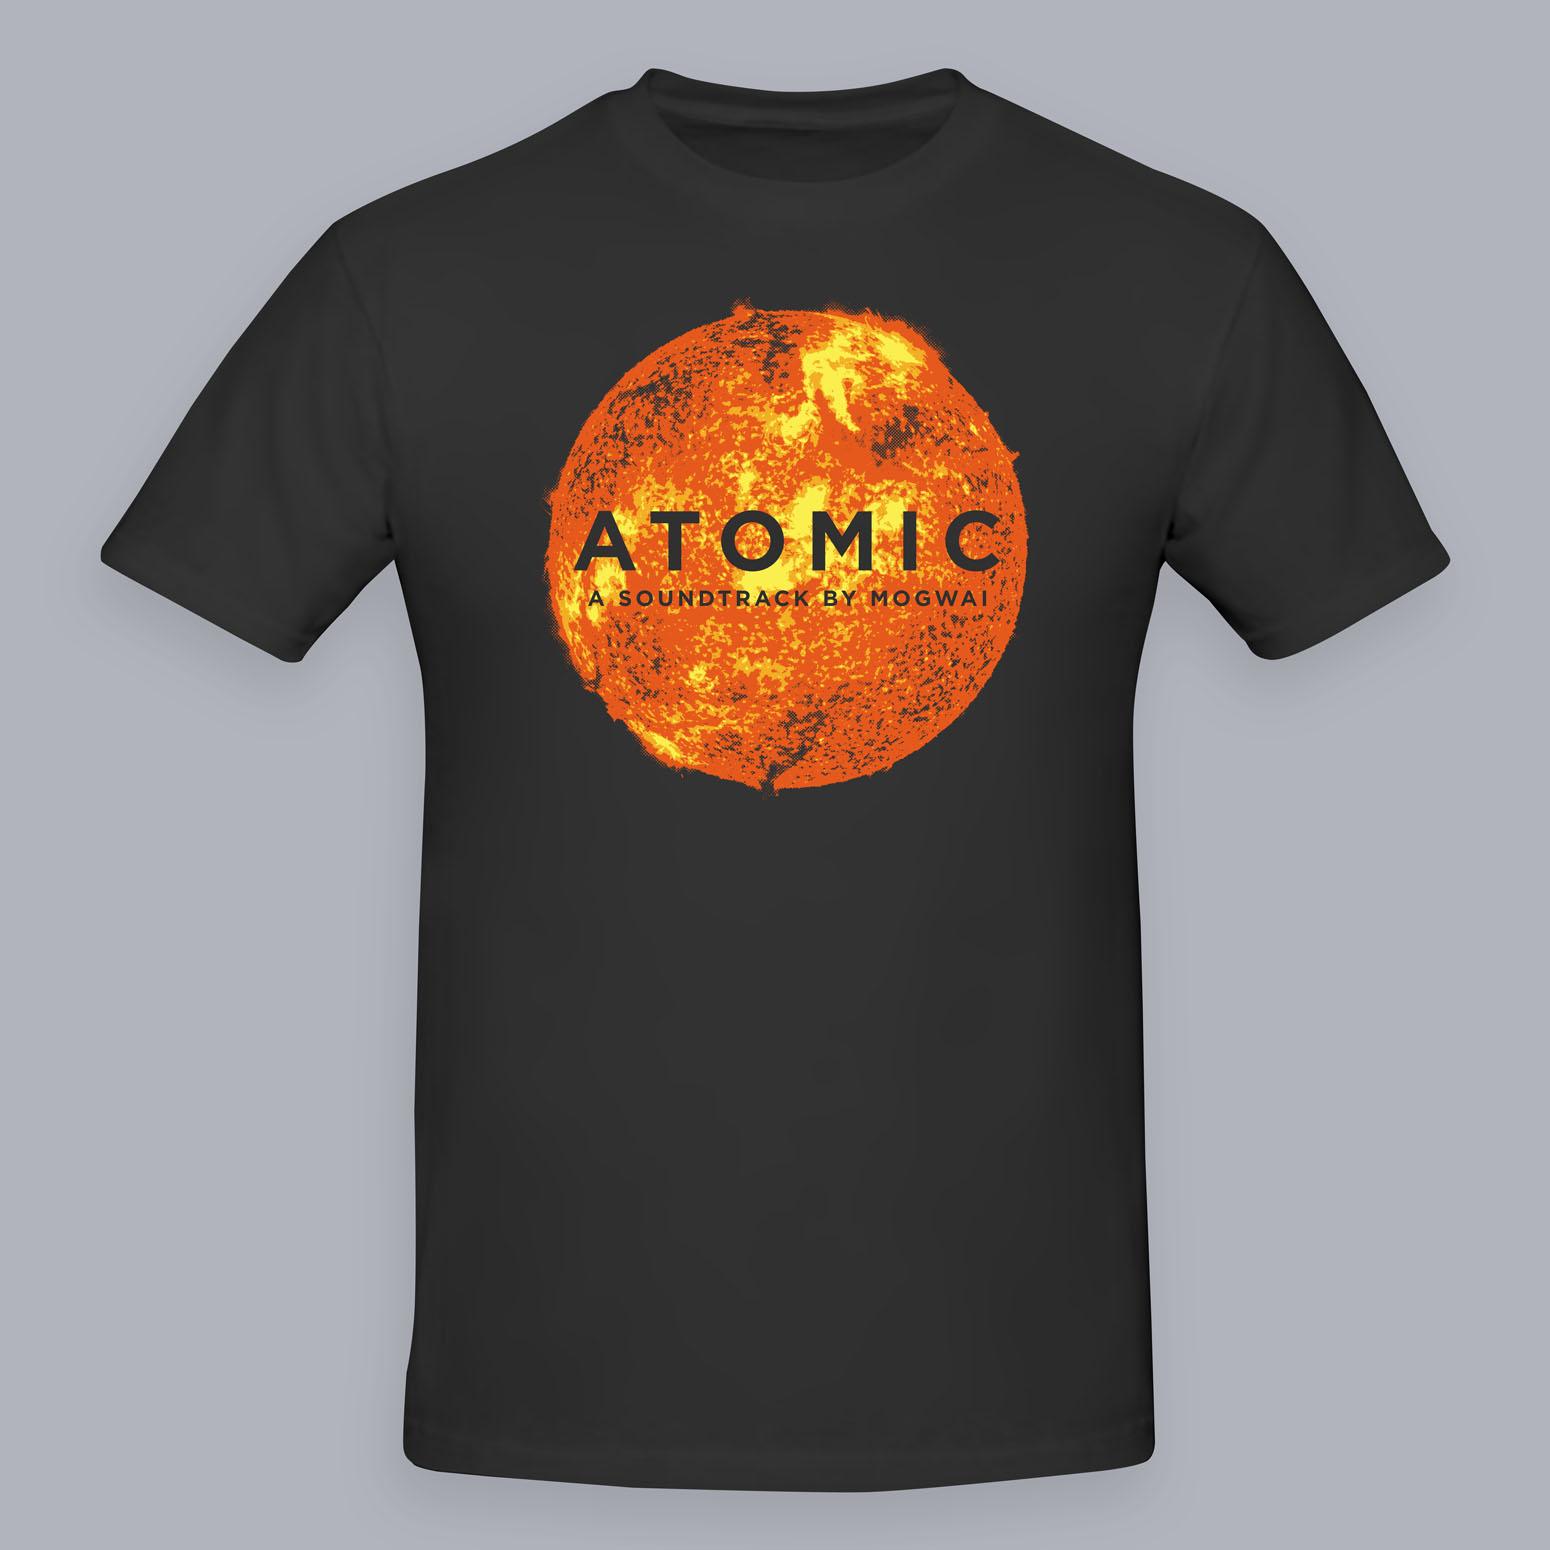 Atomic Tshirt